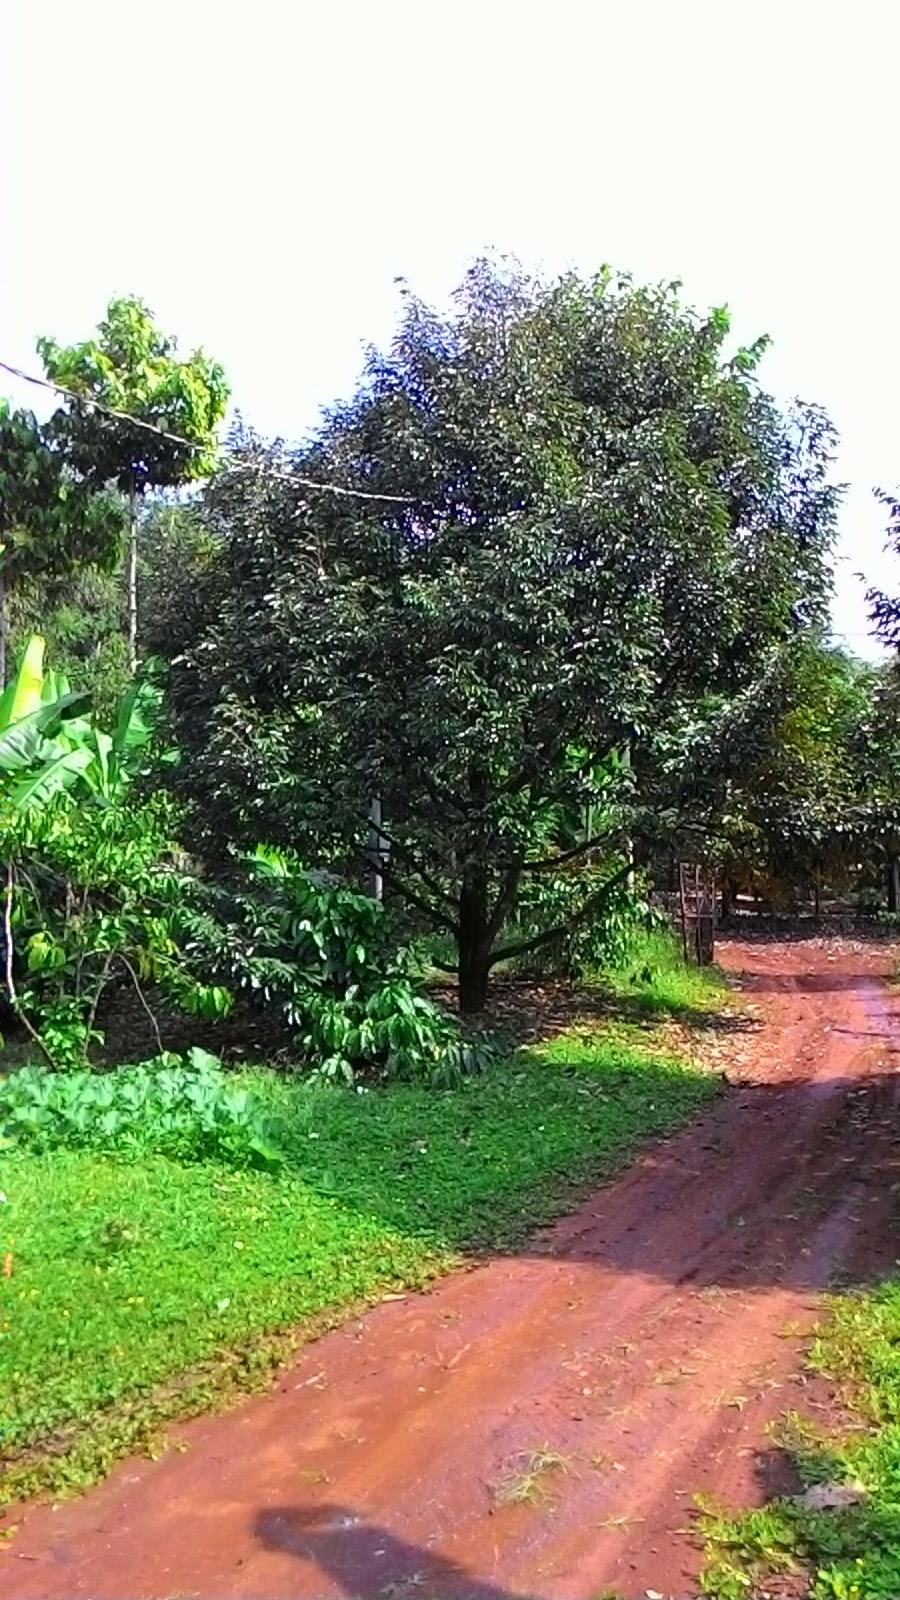 Góc vườn nhà bên - dự tính hình thành trang trại sinh thái